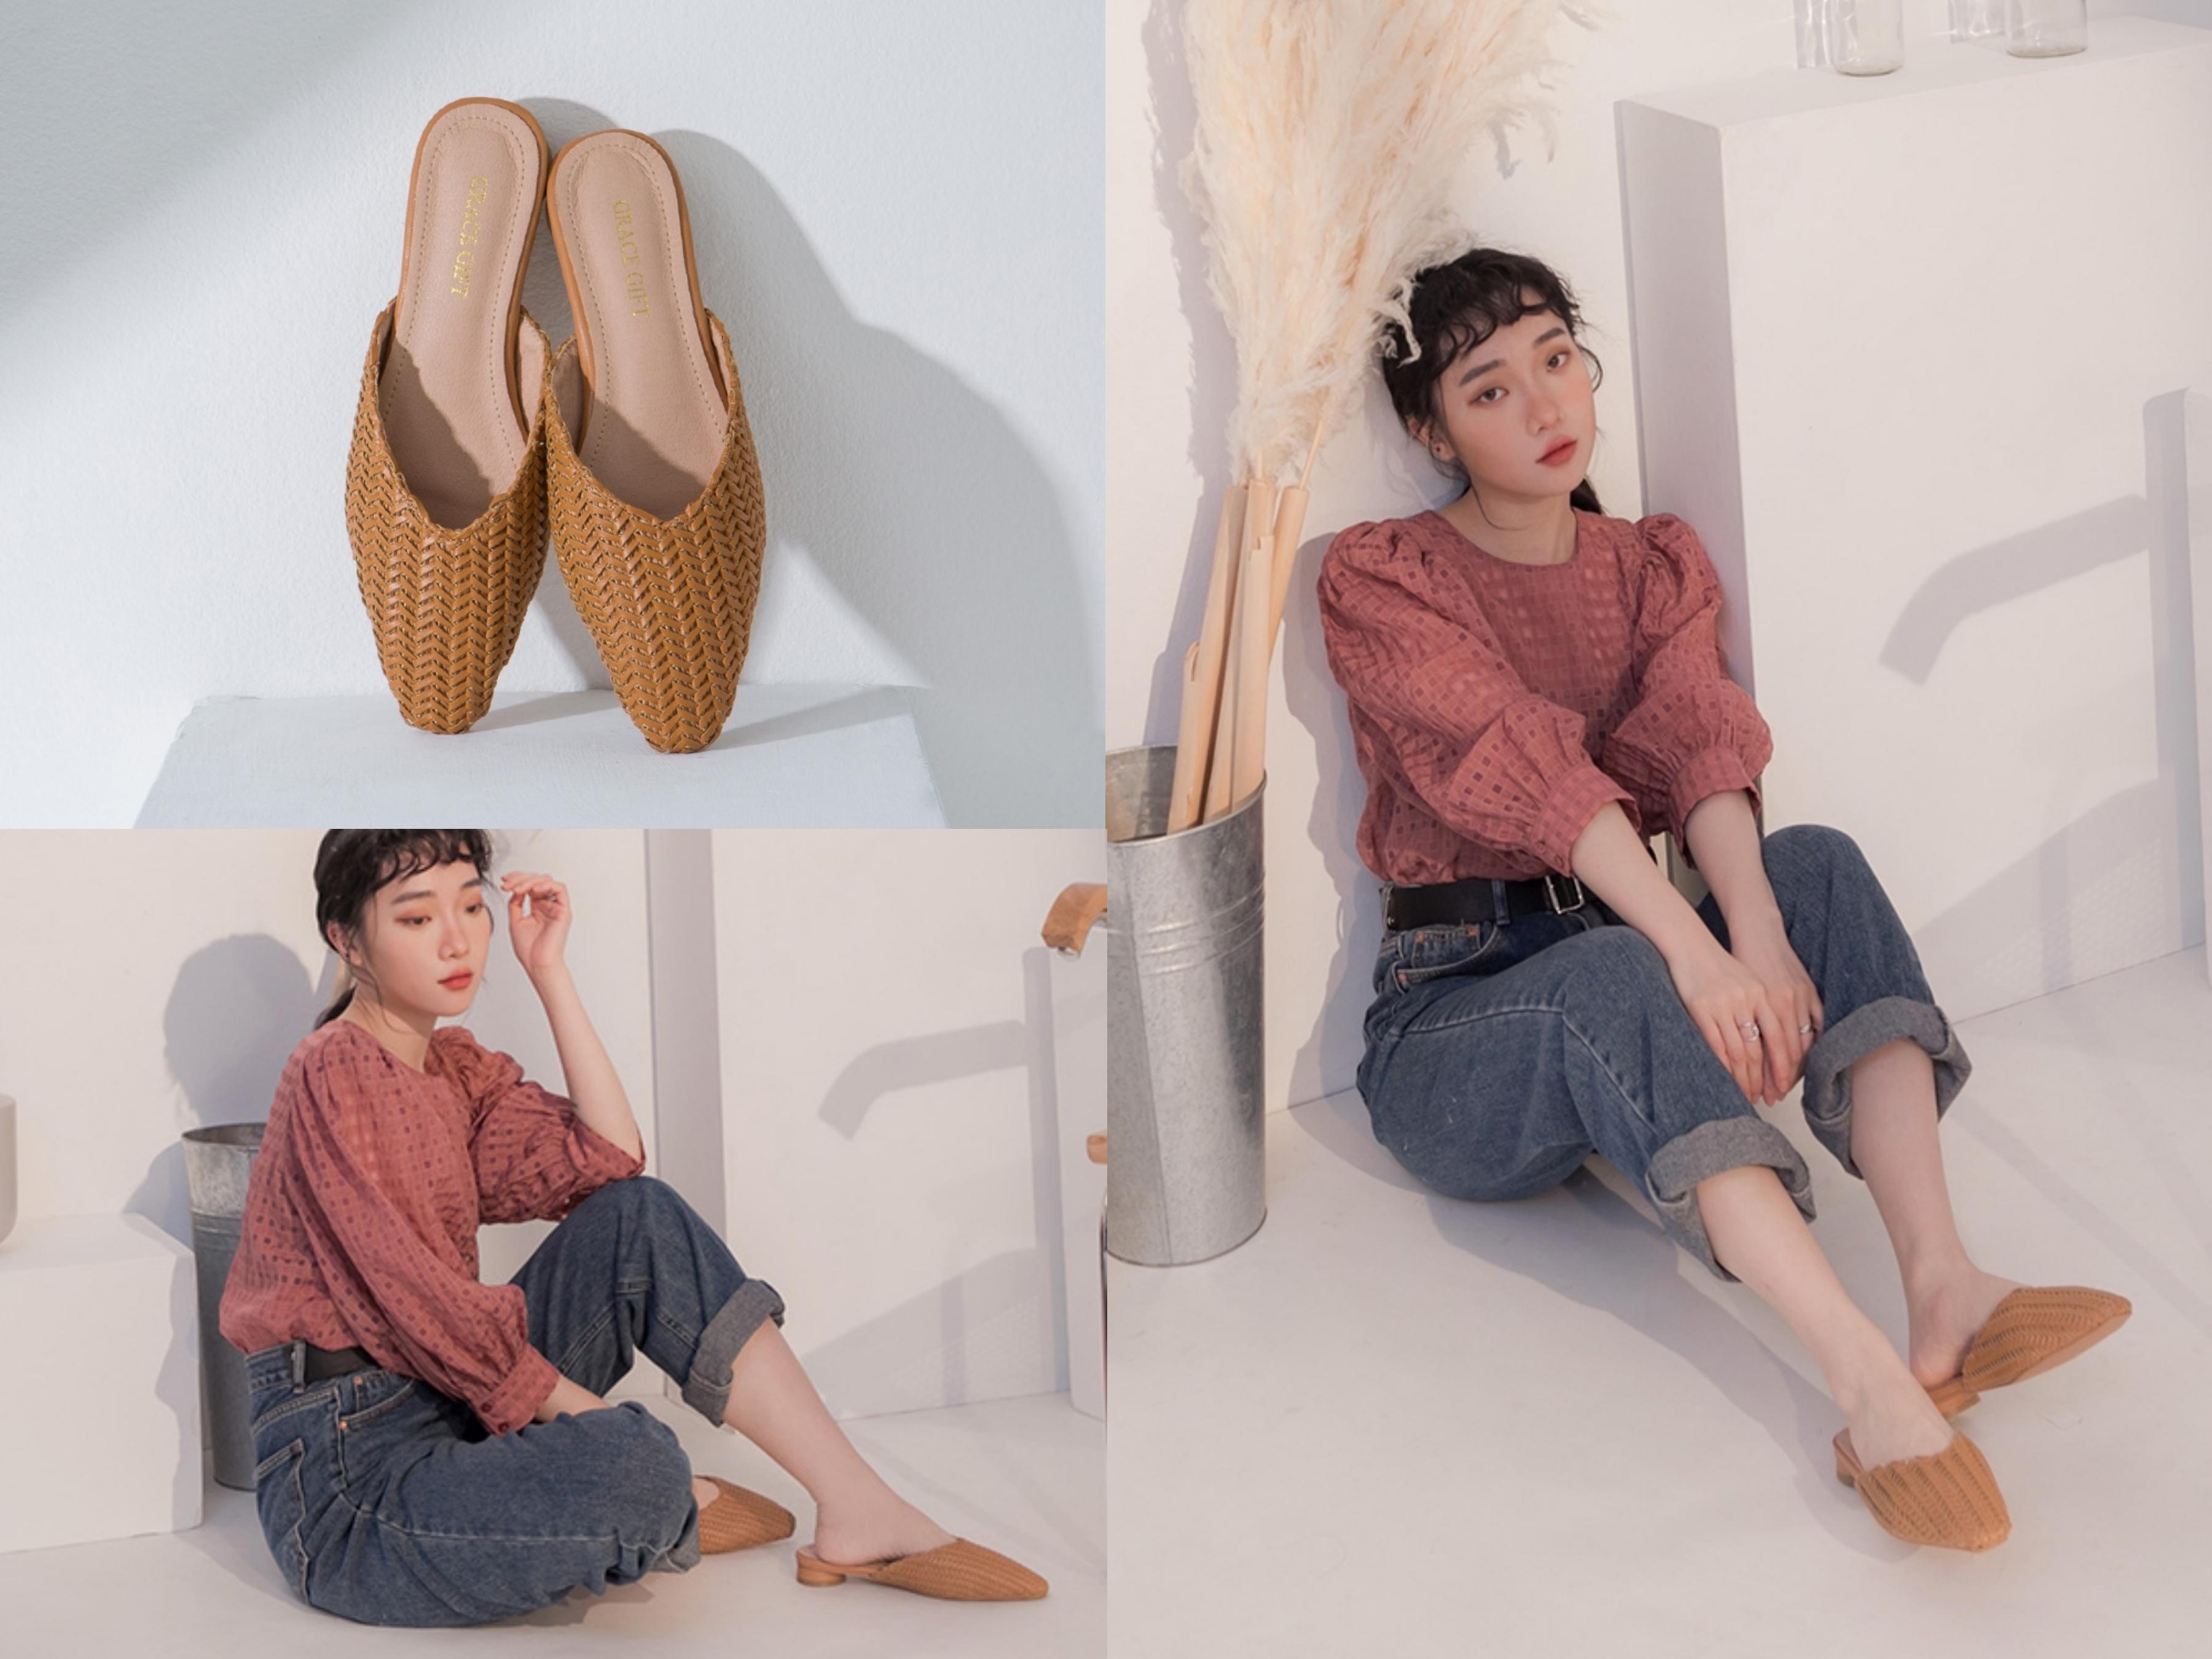 鞋櫃裡必備的百搭款穆勒鞋,鞋面採用夏日氣息的草編材質